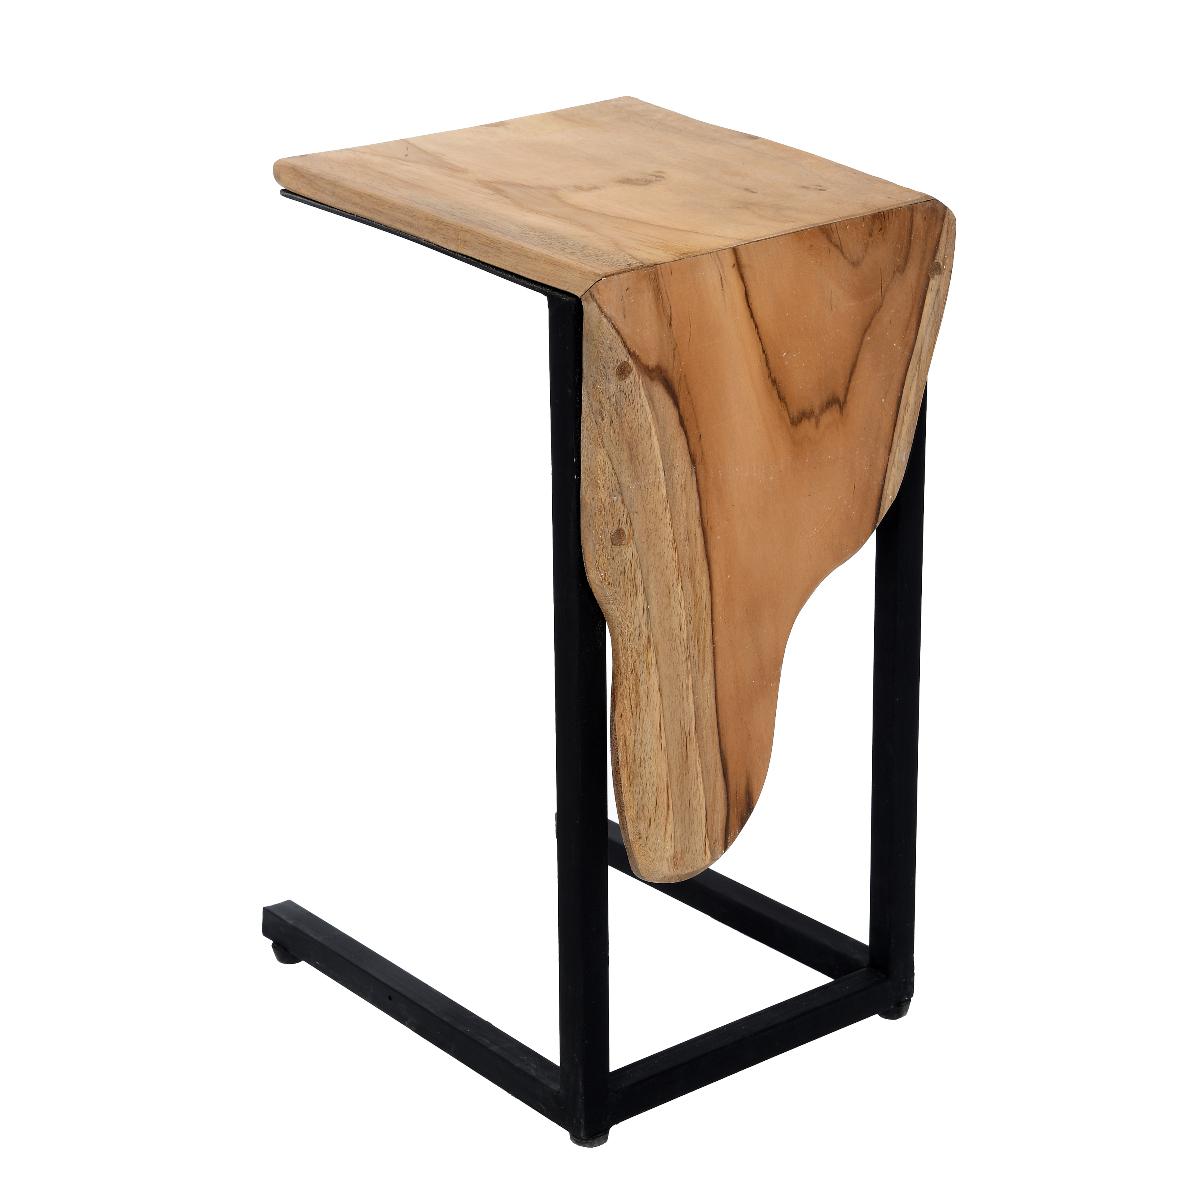 Stolik boczny Drum 30x32x50 cm